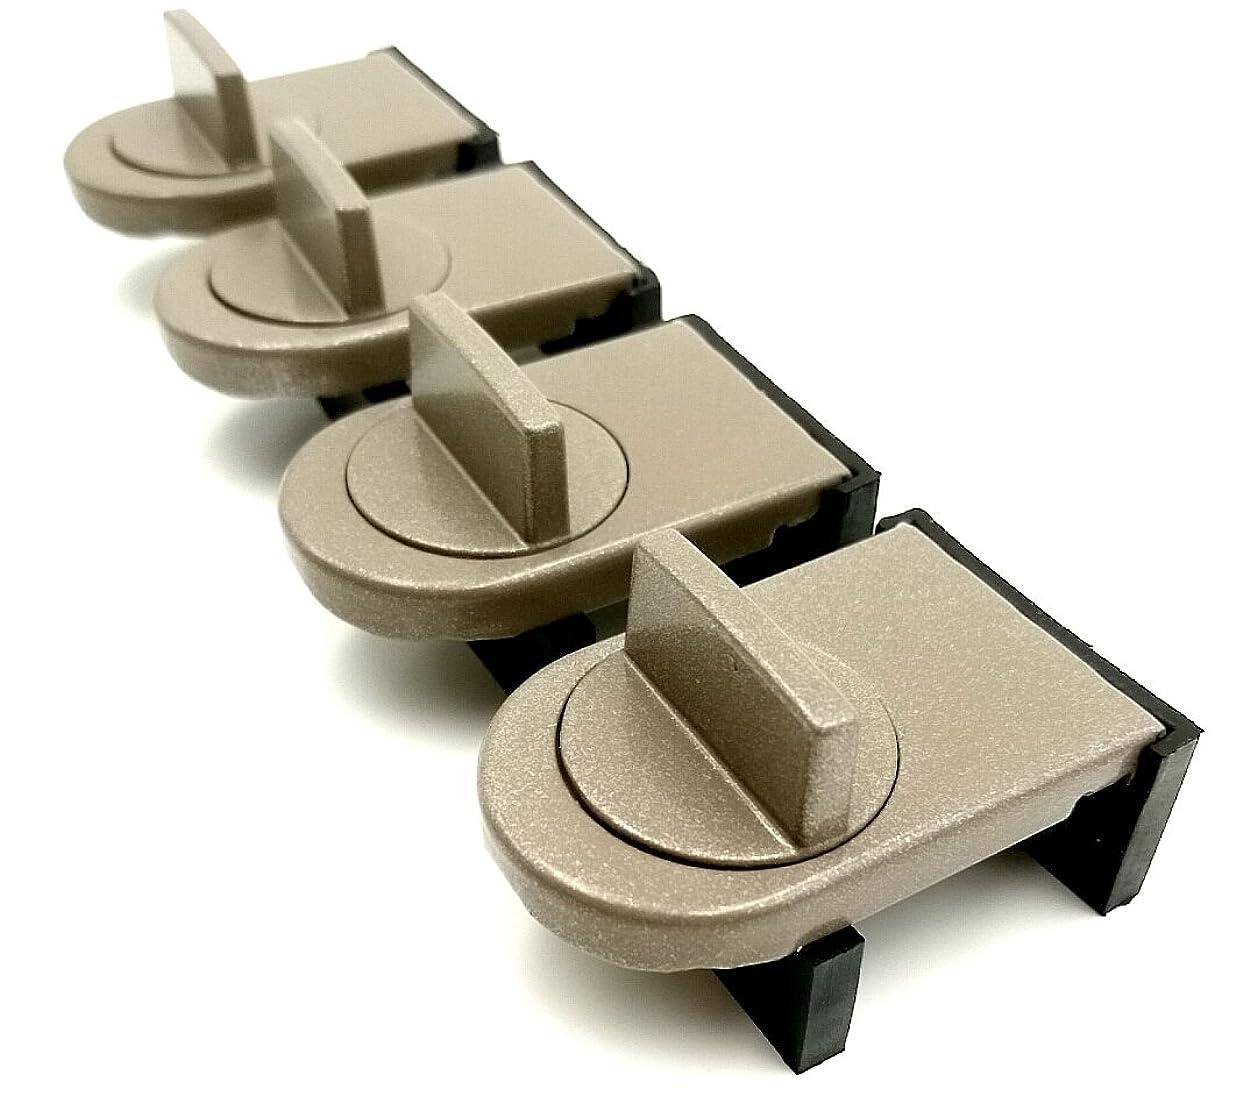 軸策定する支配的(TUISKU) 窓ロック サッシ ストッパー 4個 セット 補助錠 ベランダ 窓 鍵 防犯 (4個)